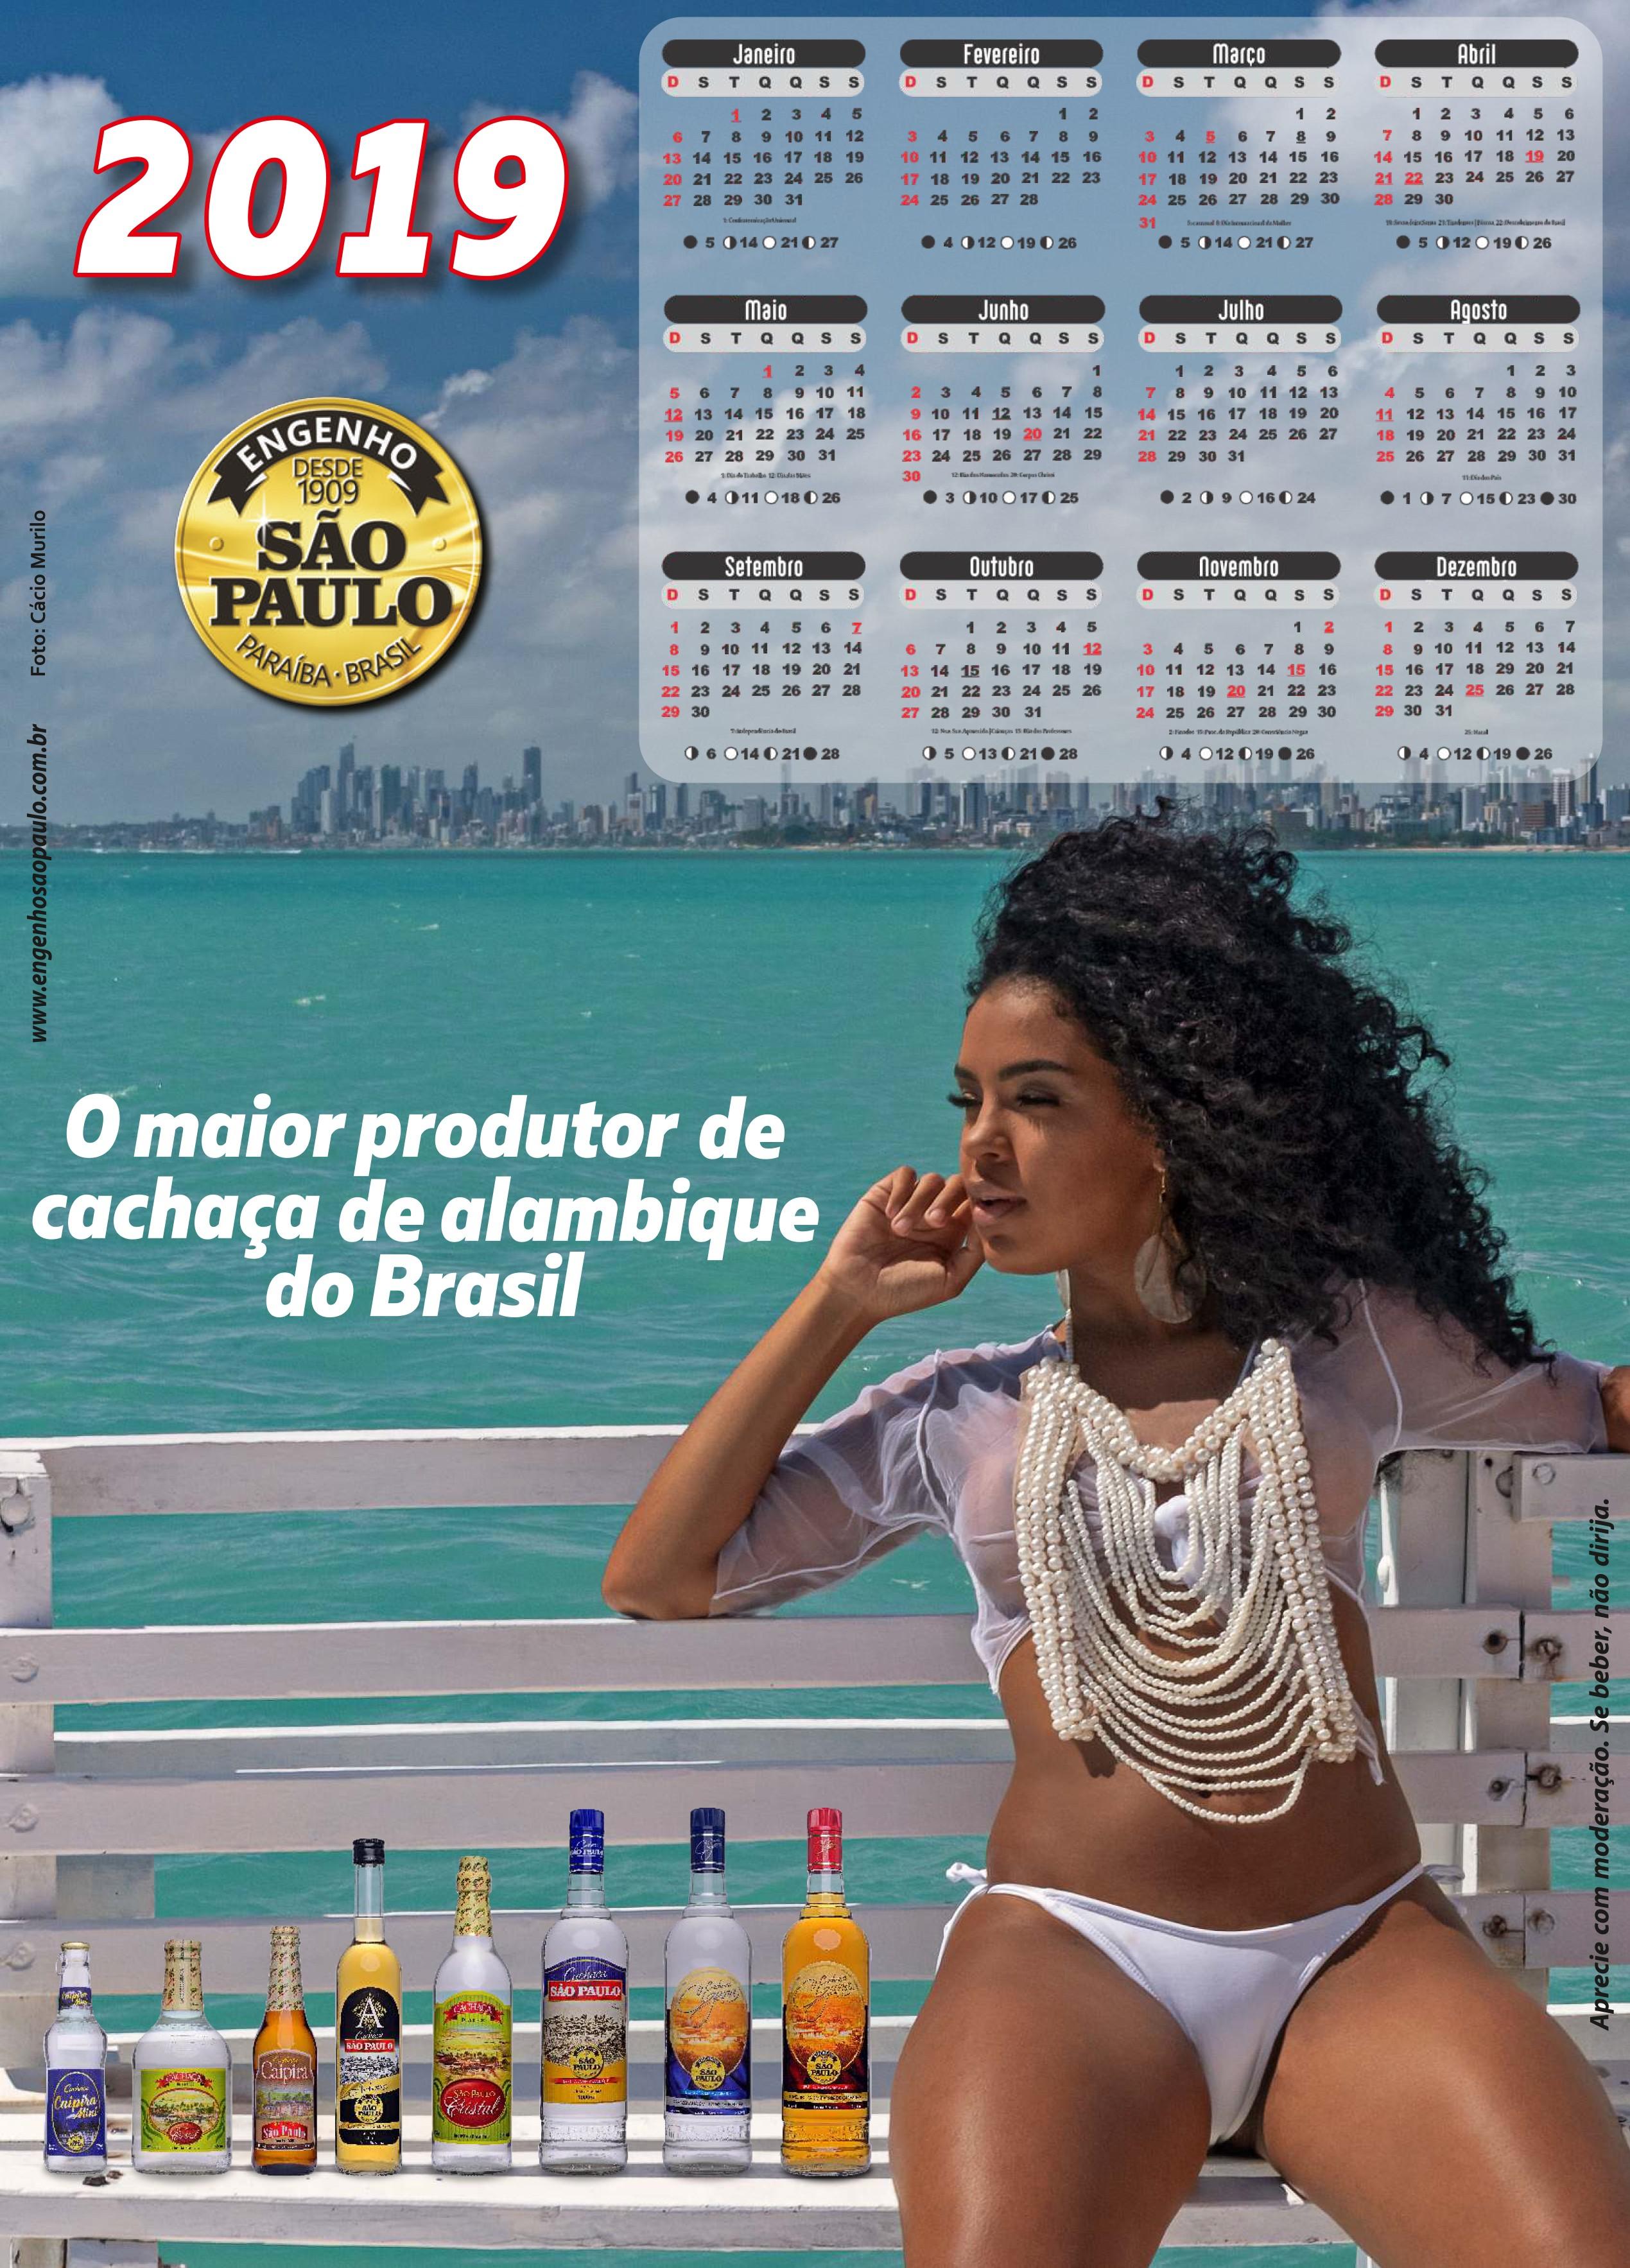 Calendario 2019 Brasileiro Vetor Más Actual Engenho S£o Paulo Desde 1909 Paraba Brasil Of Calendario 2019 Brasileiro Vetor Mejores Y Más Novedosos Revisar Calendario 2019 Feriados Brasil